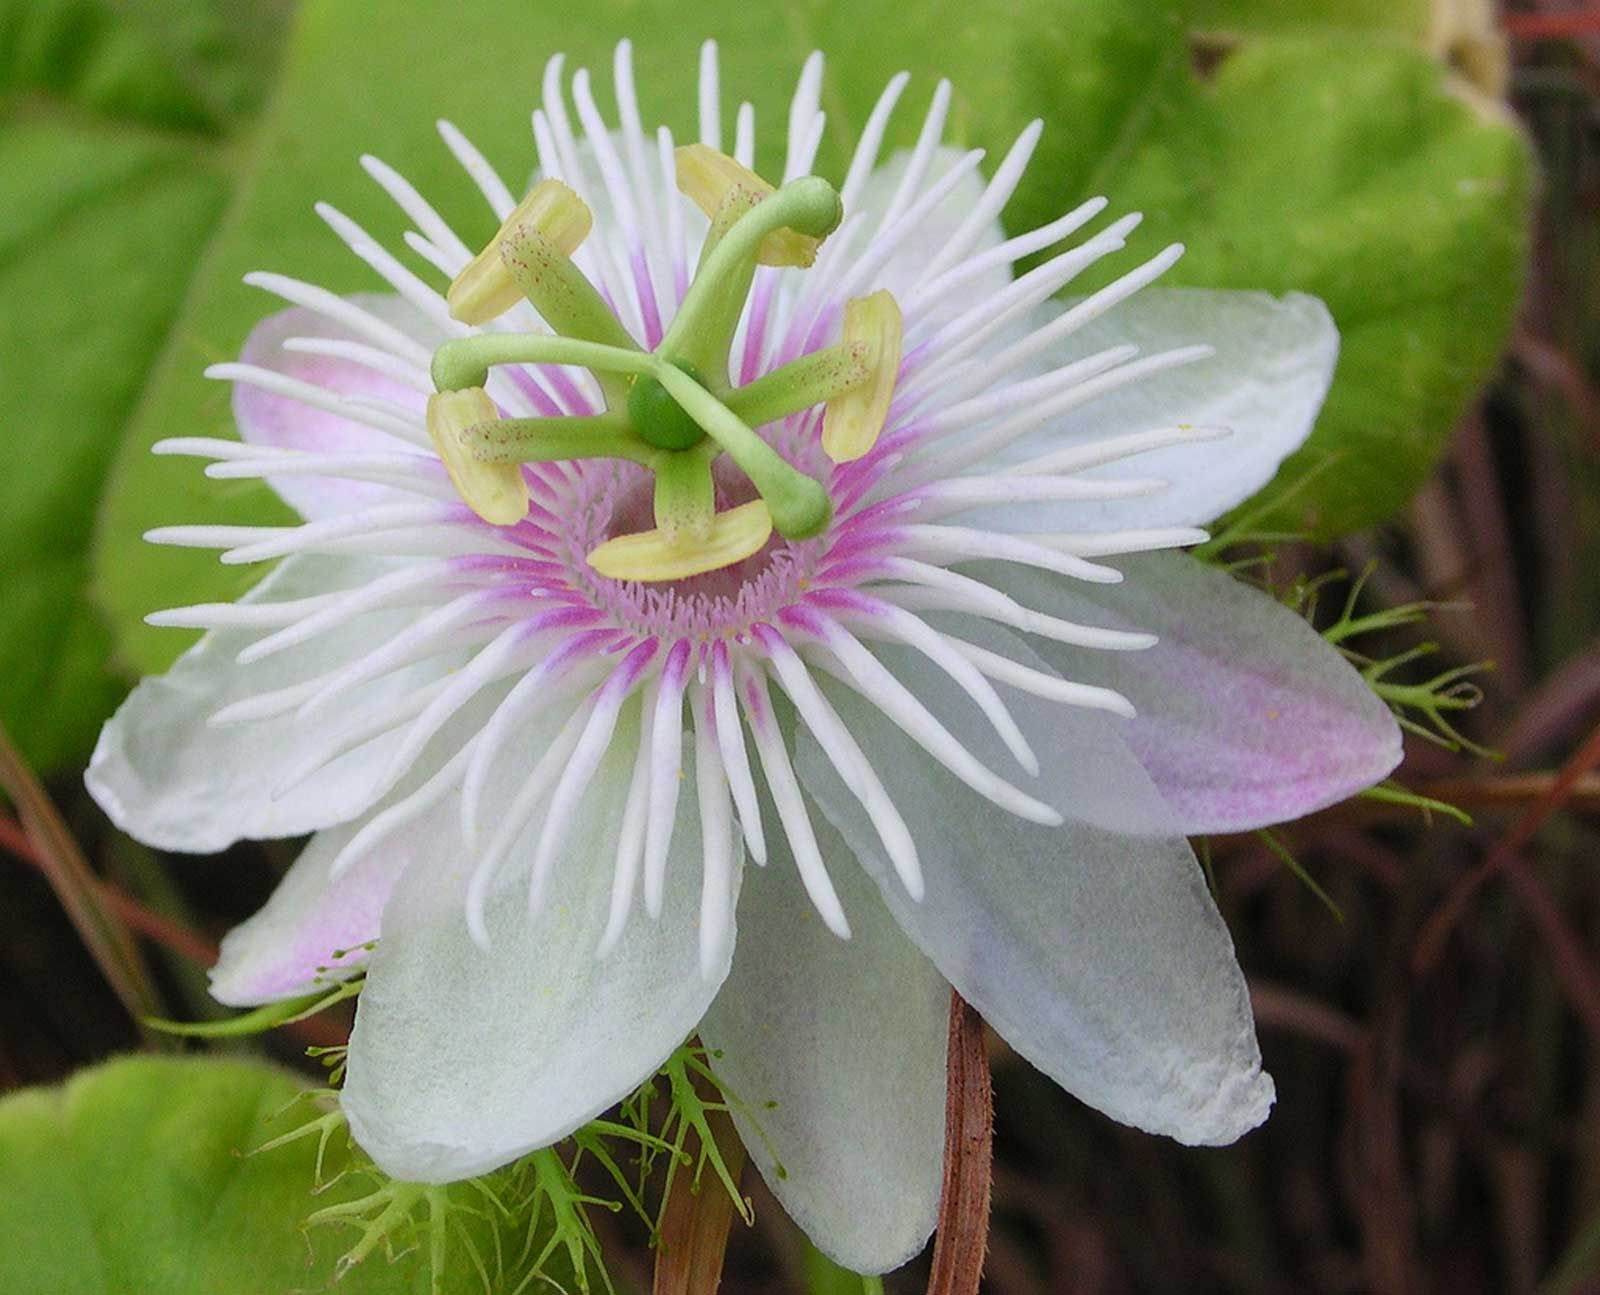 Pin on Vines, flowering